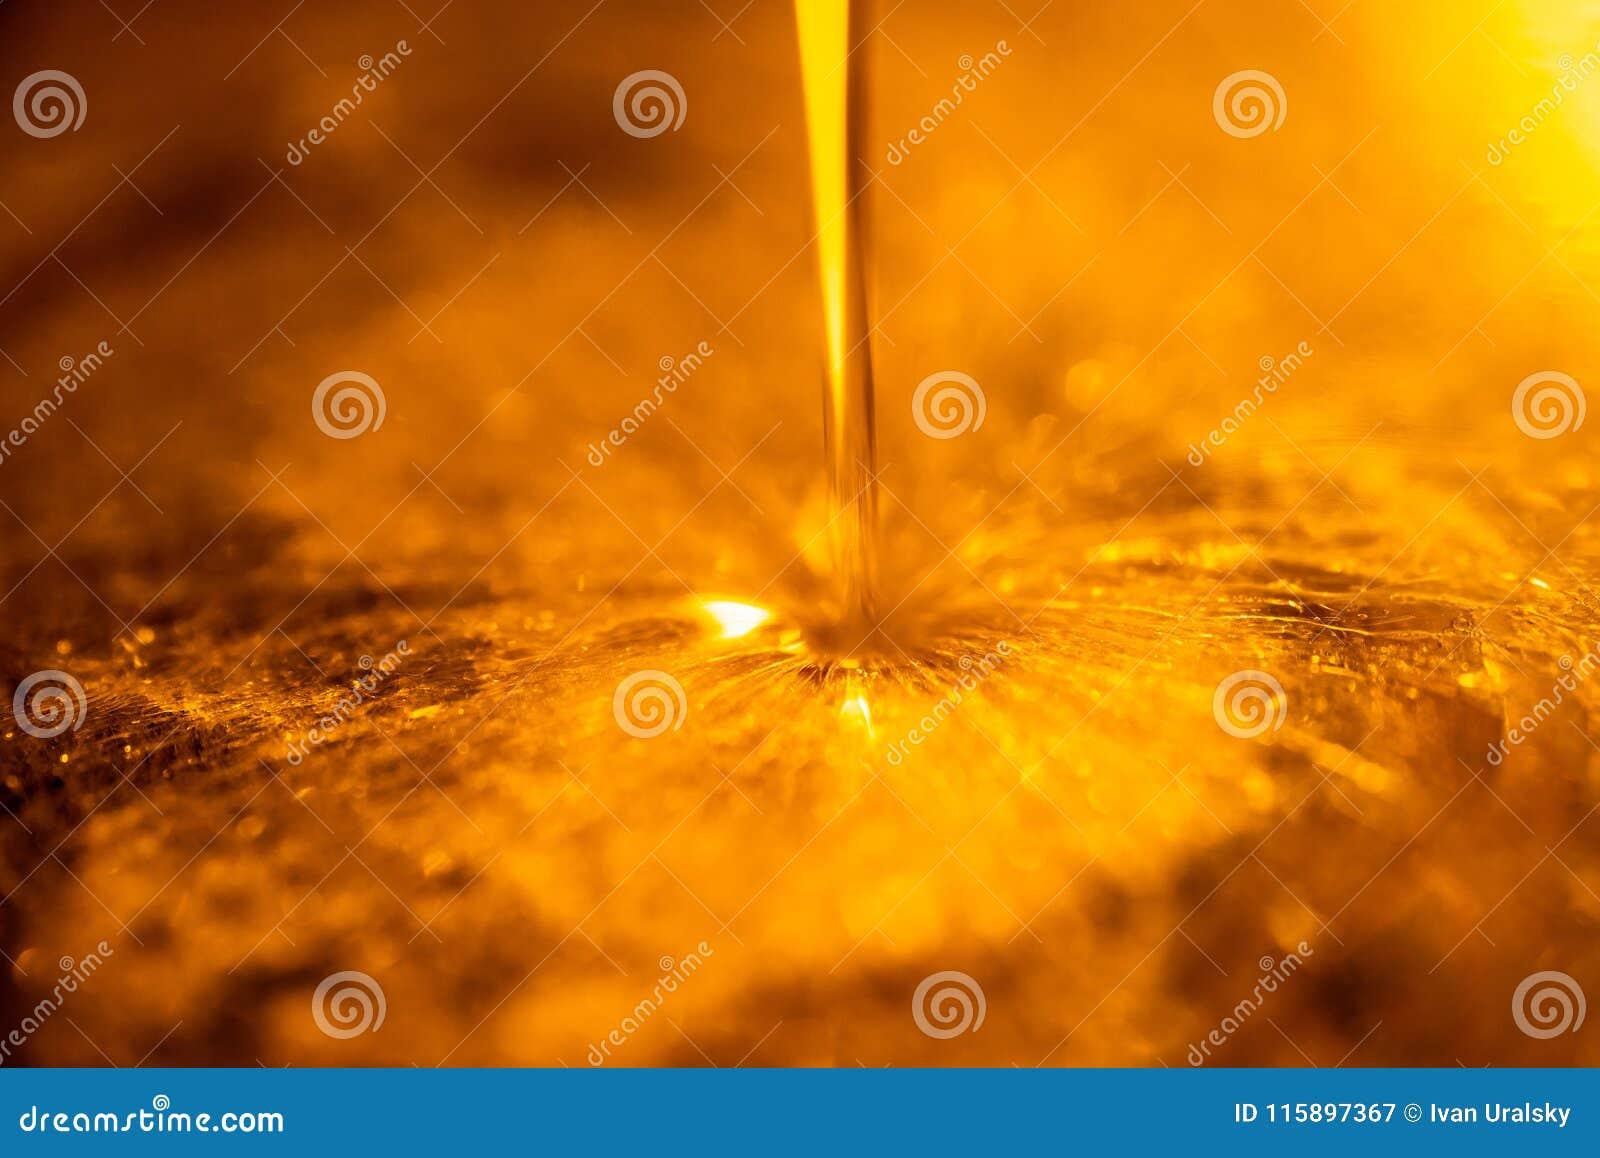 Líquido alaranjado e córrego viscoso do óleo de motor da motocicleta como um fluxo do close-up do mel